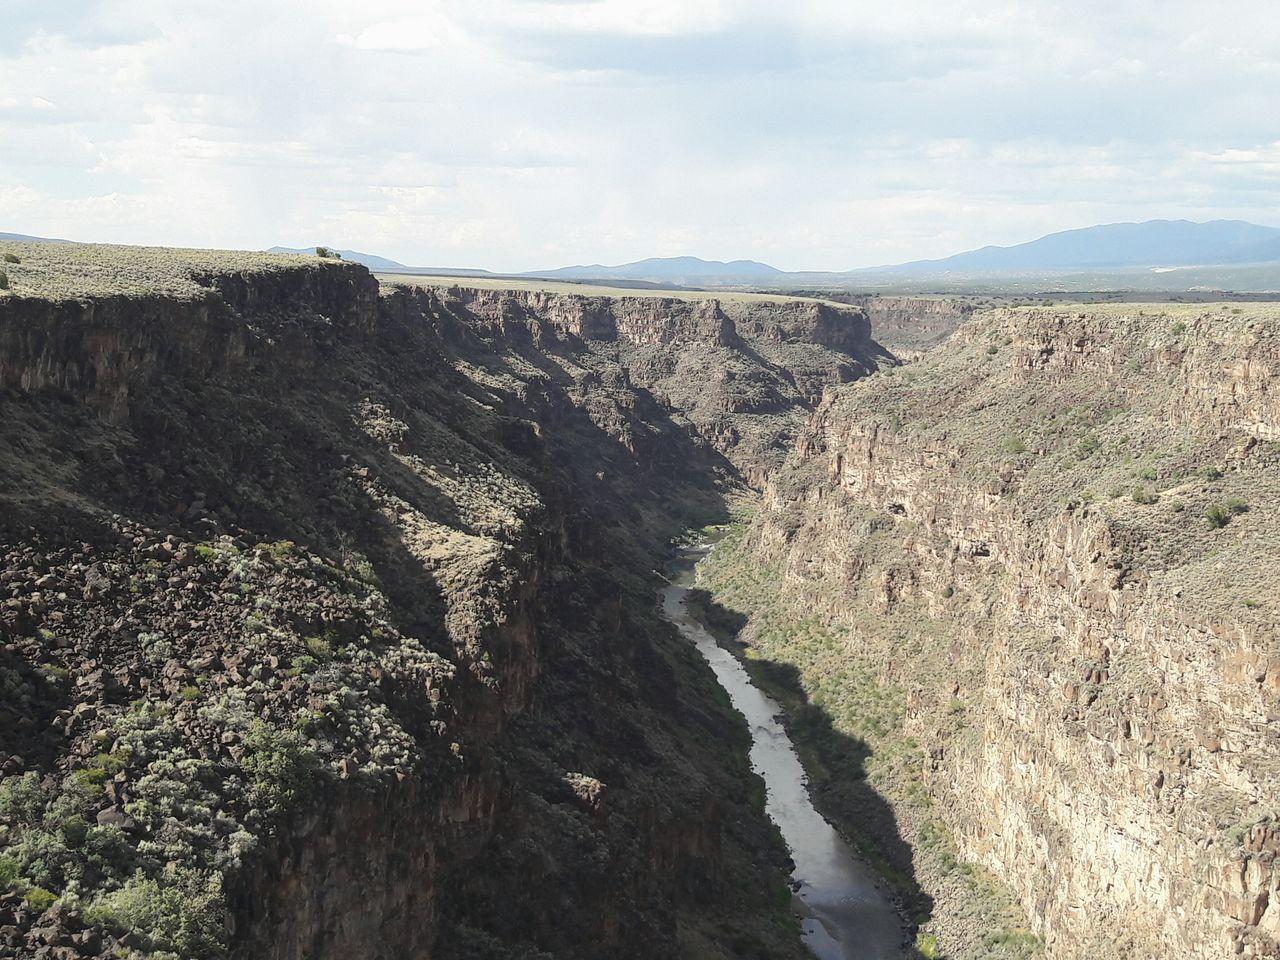 Canyon Vertigo Nature Photography Natural Don't Jump Nature View High Places Hello World River Rio Grande Gorge Taos Gorge Taos New Mexico Eyeemphoto A Bird's Eye View